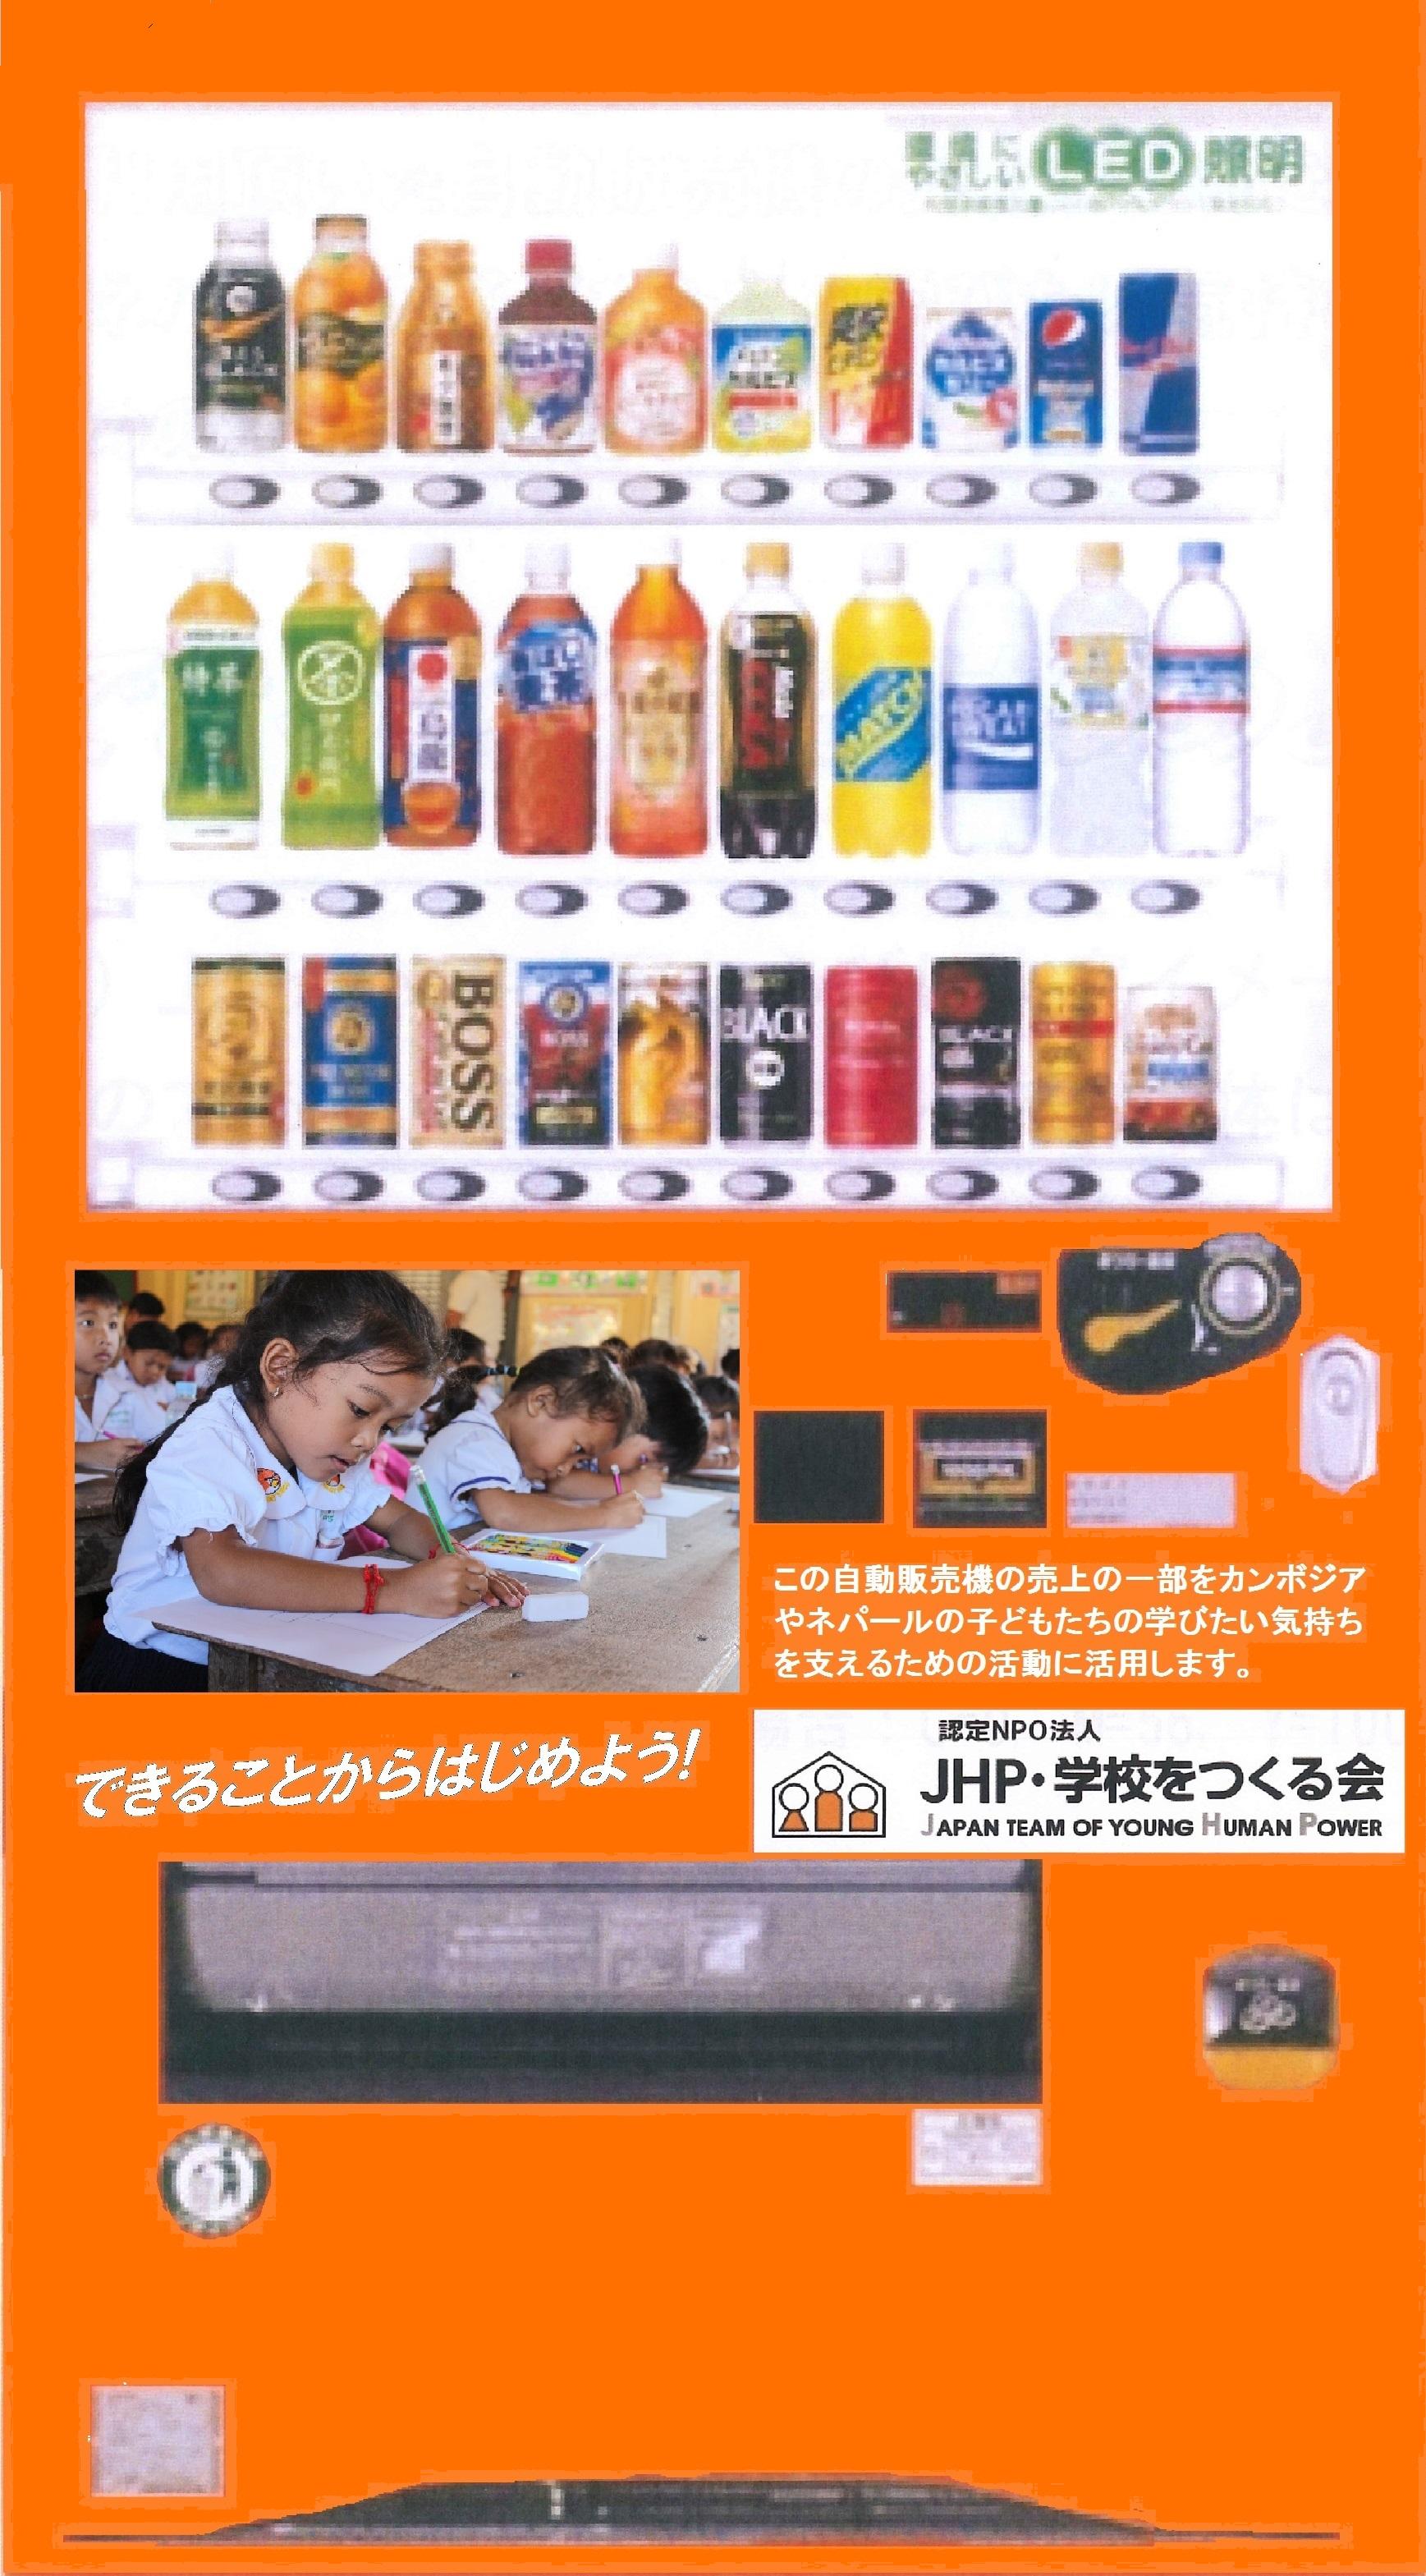 ジャパン ビバレッジ 自販機